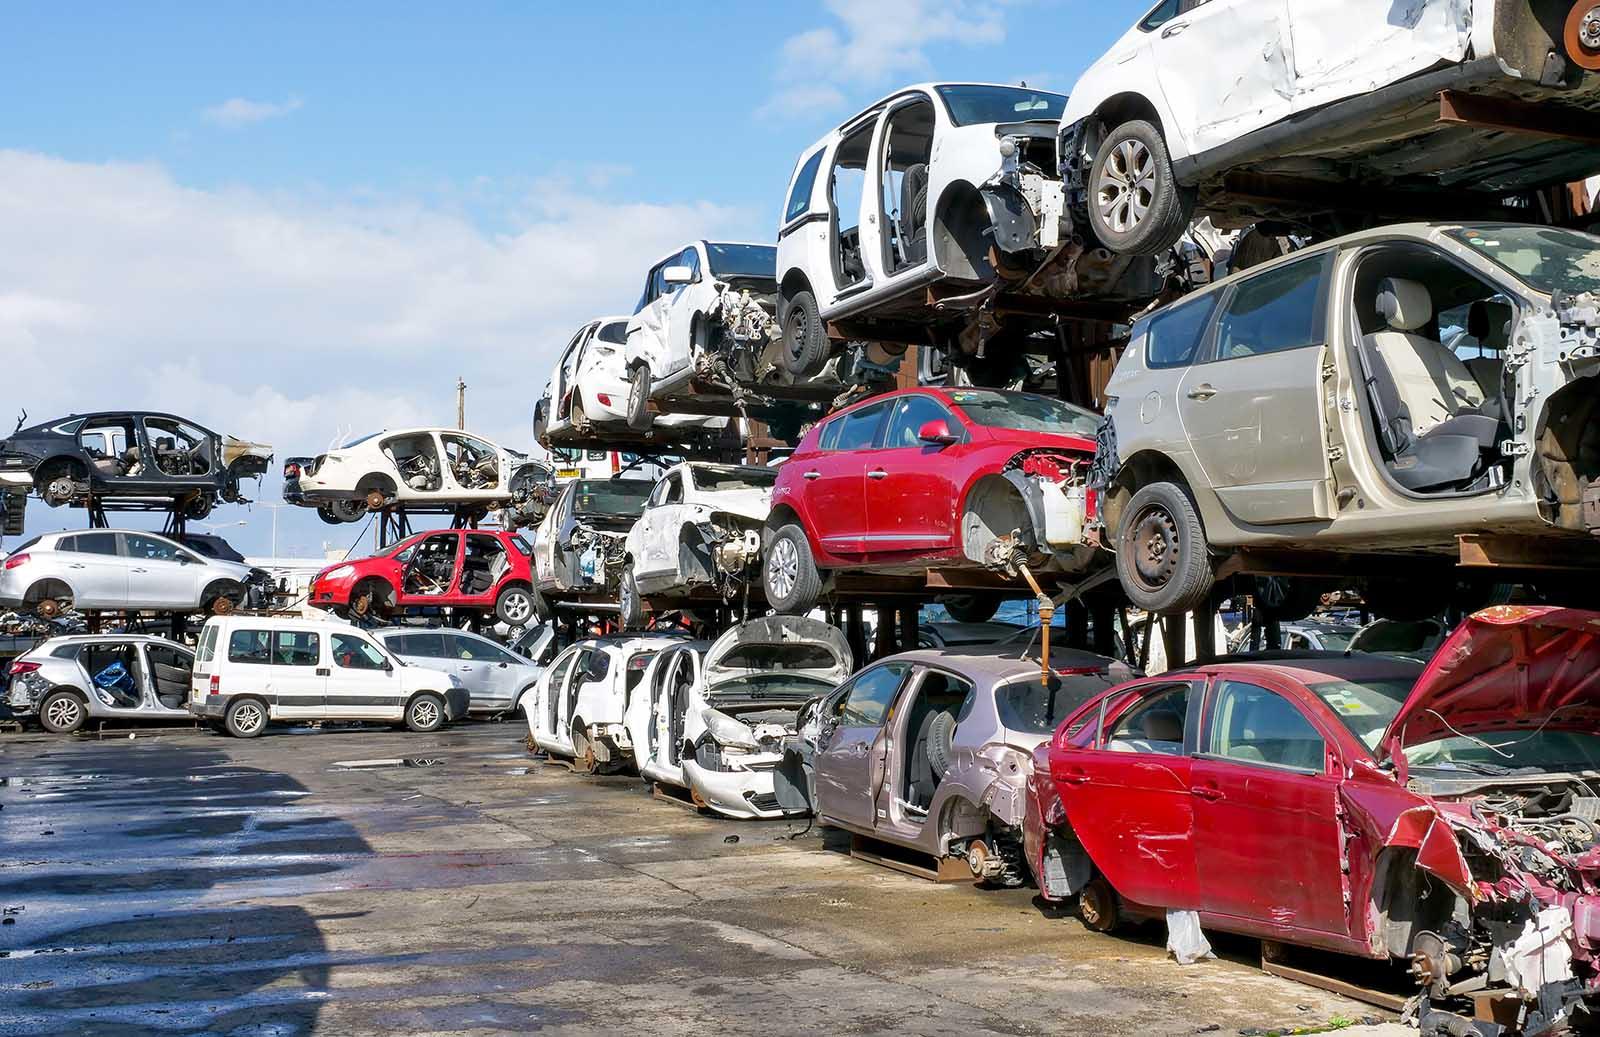 Vi är en auktoriserad bilskrot i Östergötland. Kontakta oss för att boka skrotning hos oss, bilskrot i Östergötland.